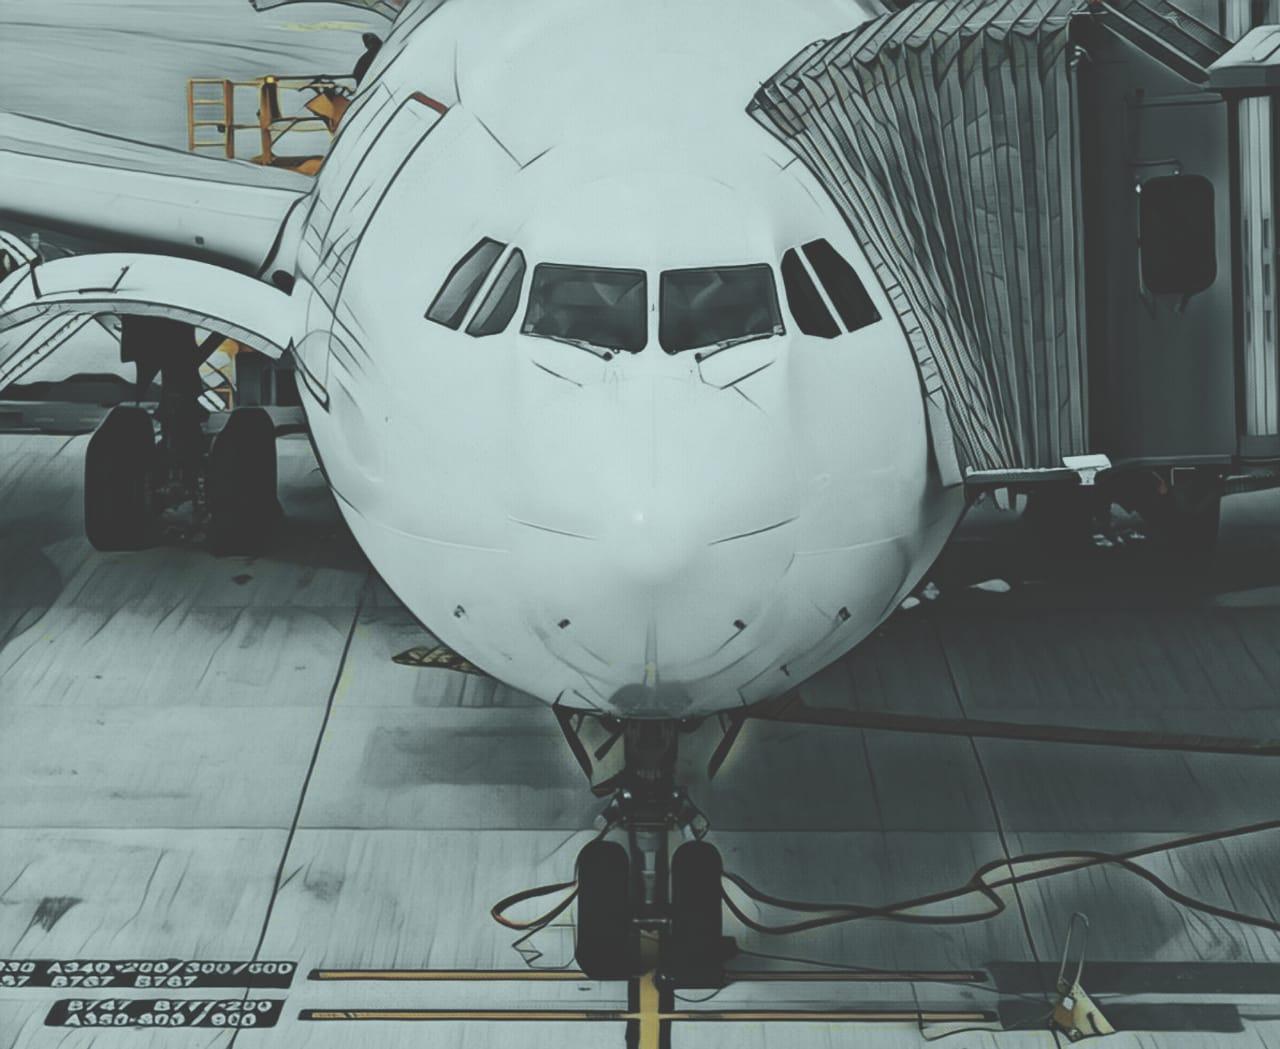 https: img-z.okeinfo.net content 2019 05 24 320 2060151 fakta-menarik-turunnya-harga-tiket-pesawat-garuda-pun-merugi-mbIKgpCeAR.jpg